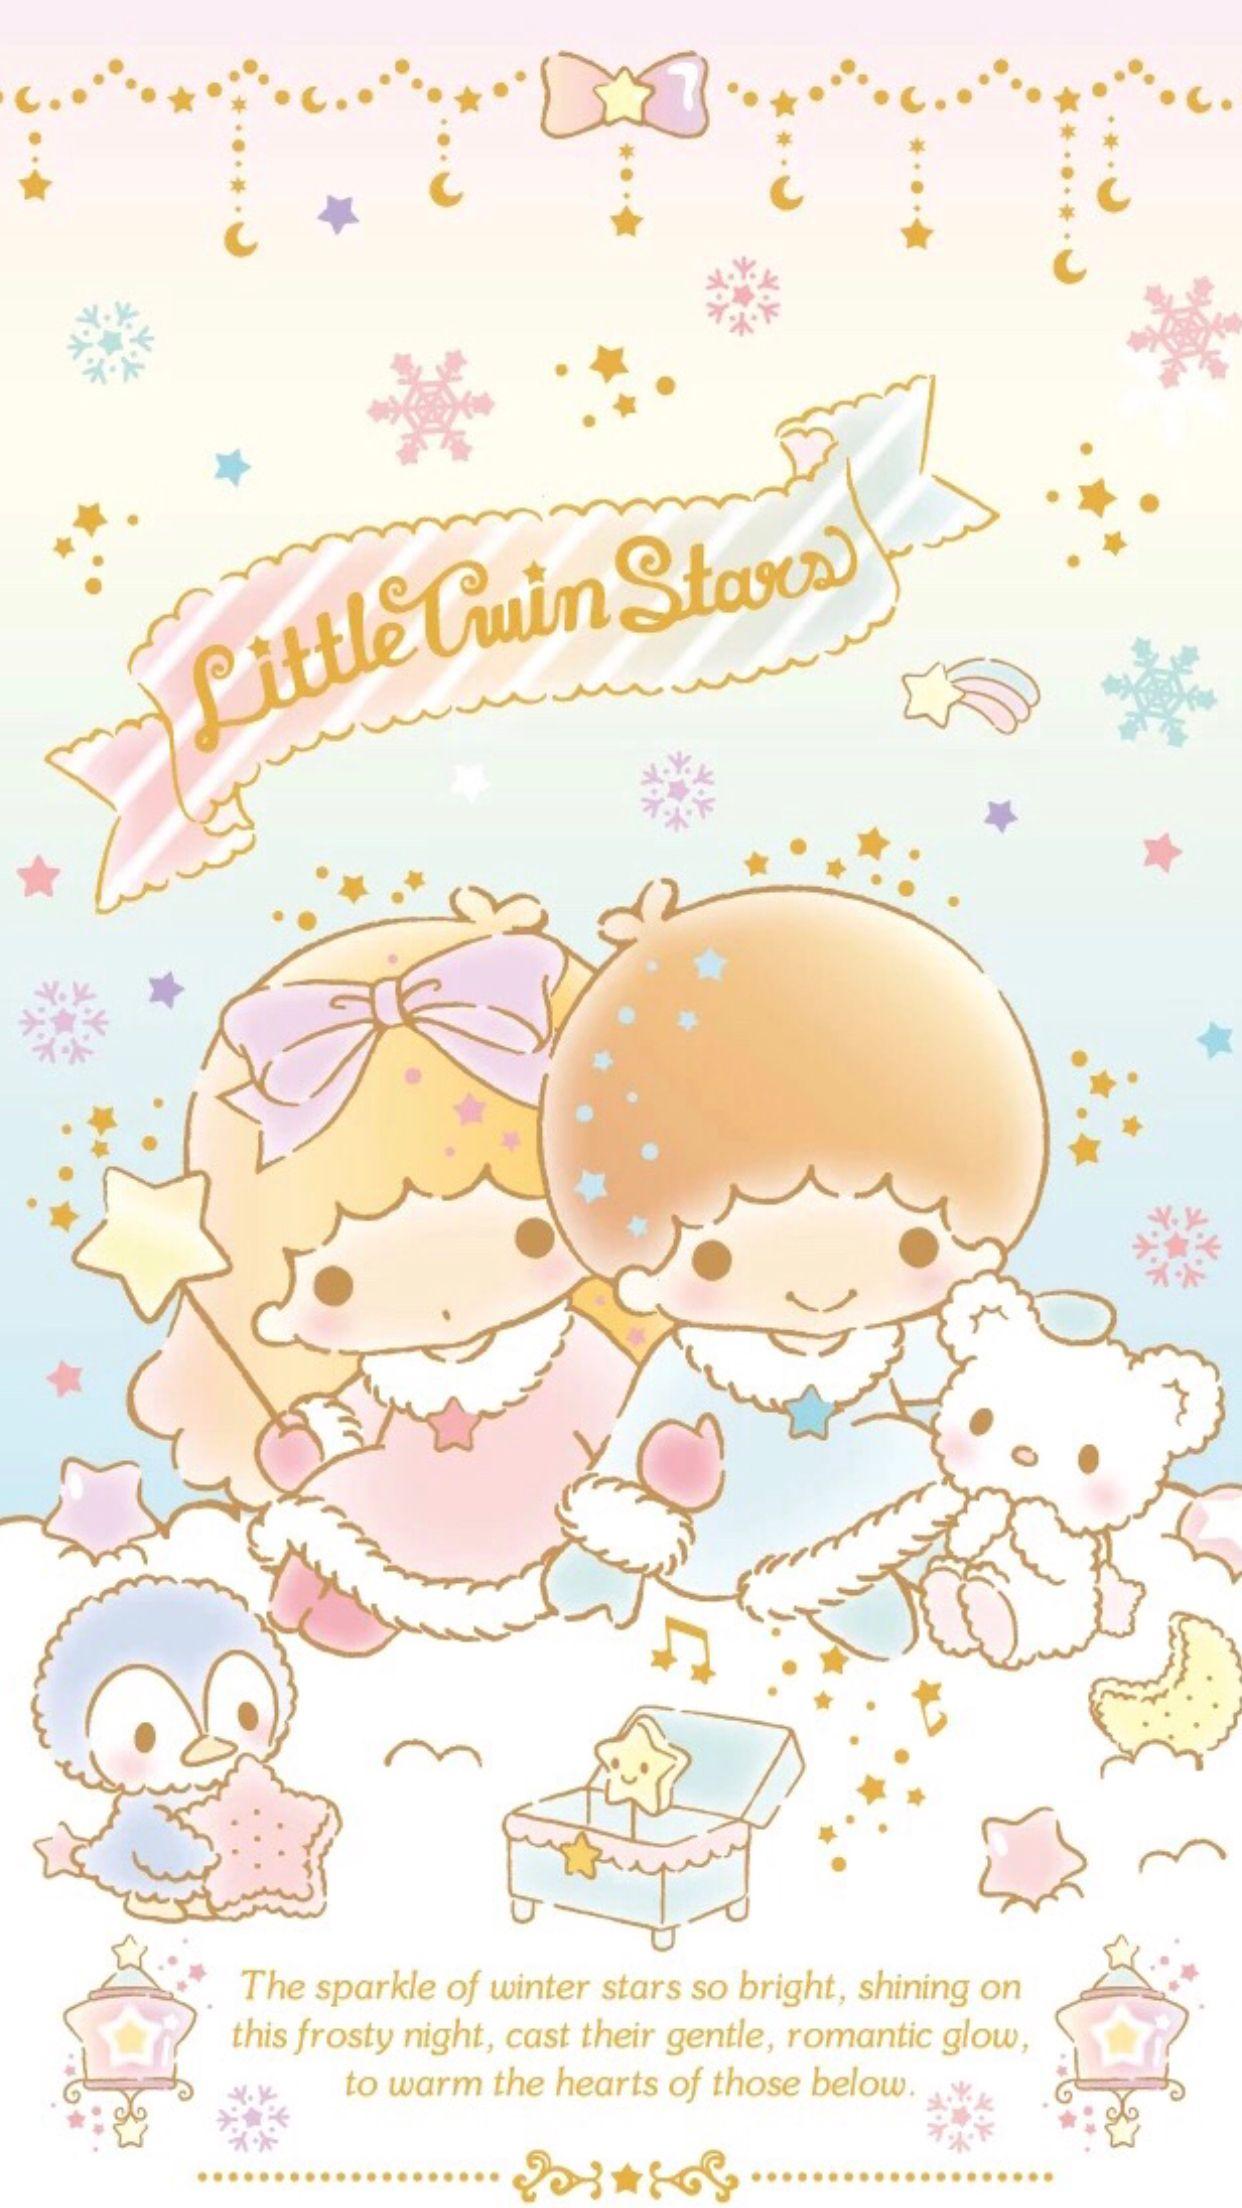 Little Twin Stars キキララ 壁紙 星 壁紙 リトルツインスターズ